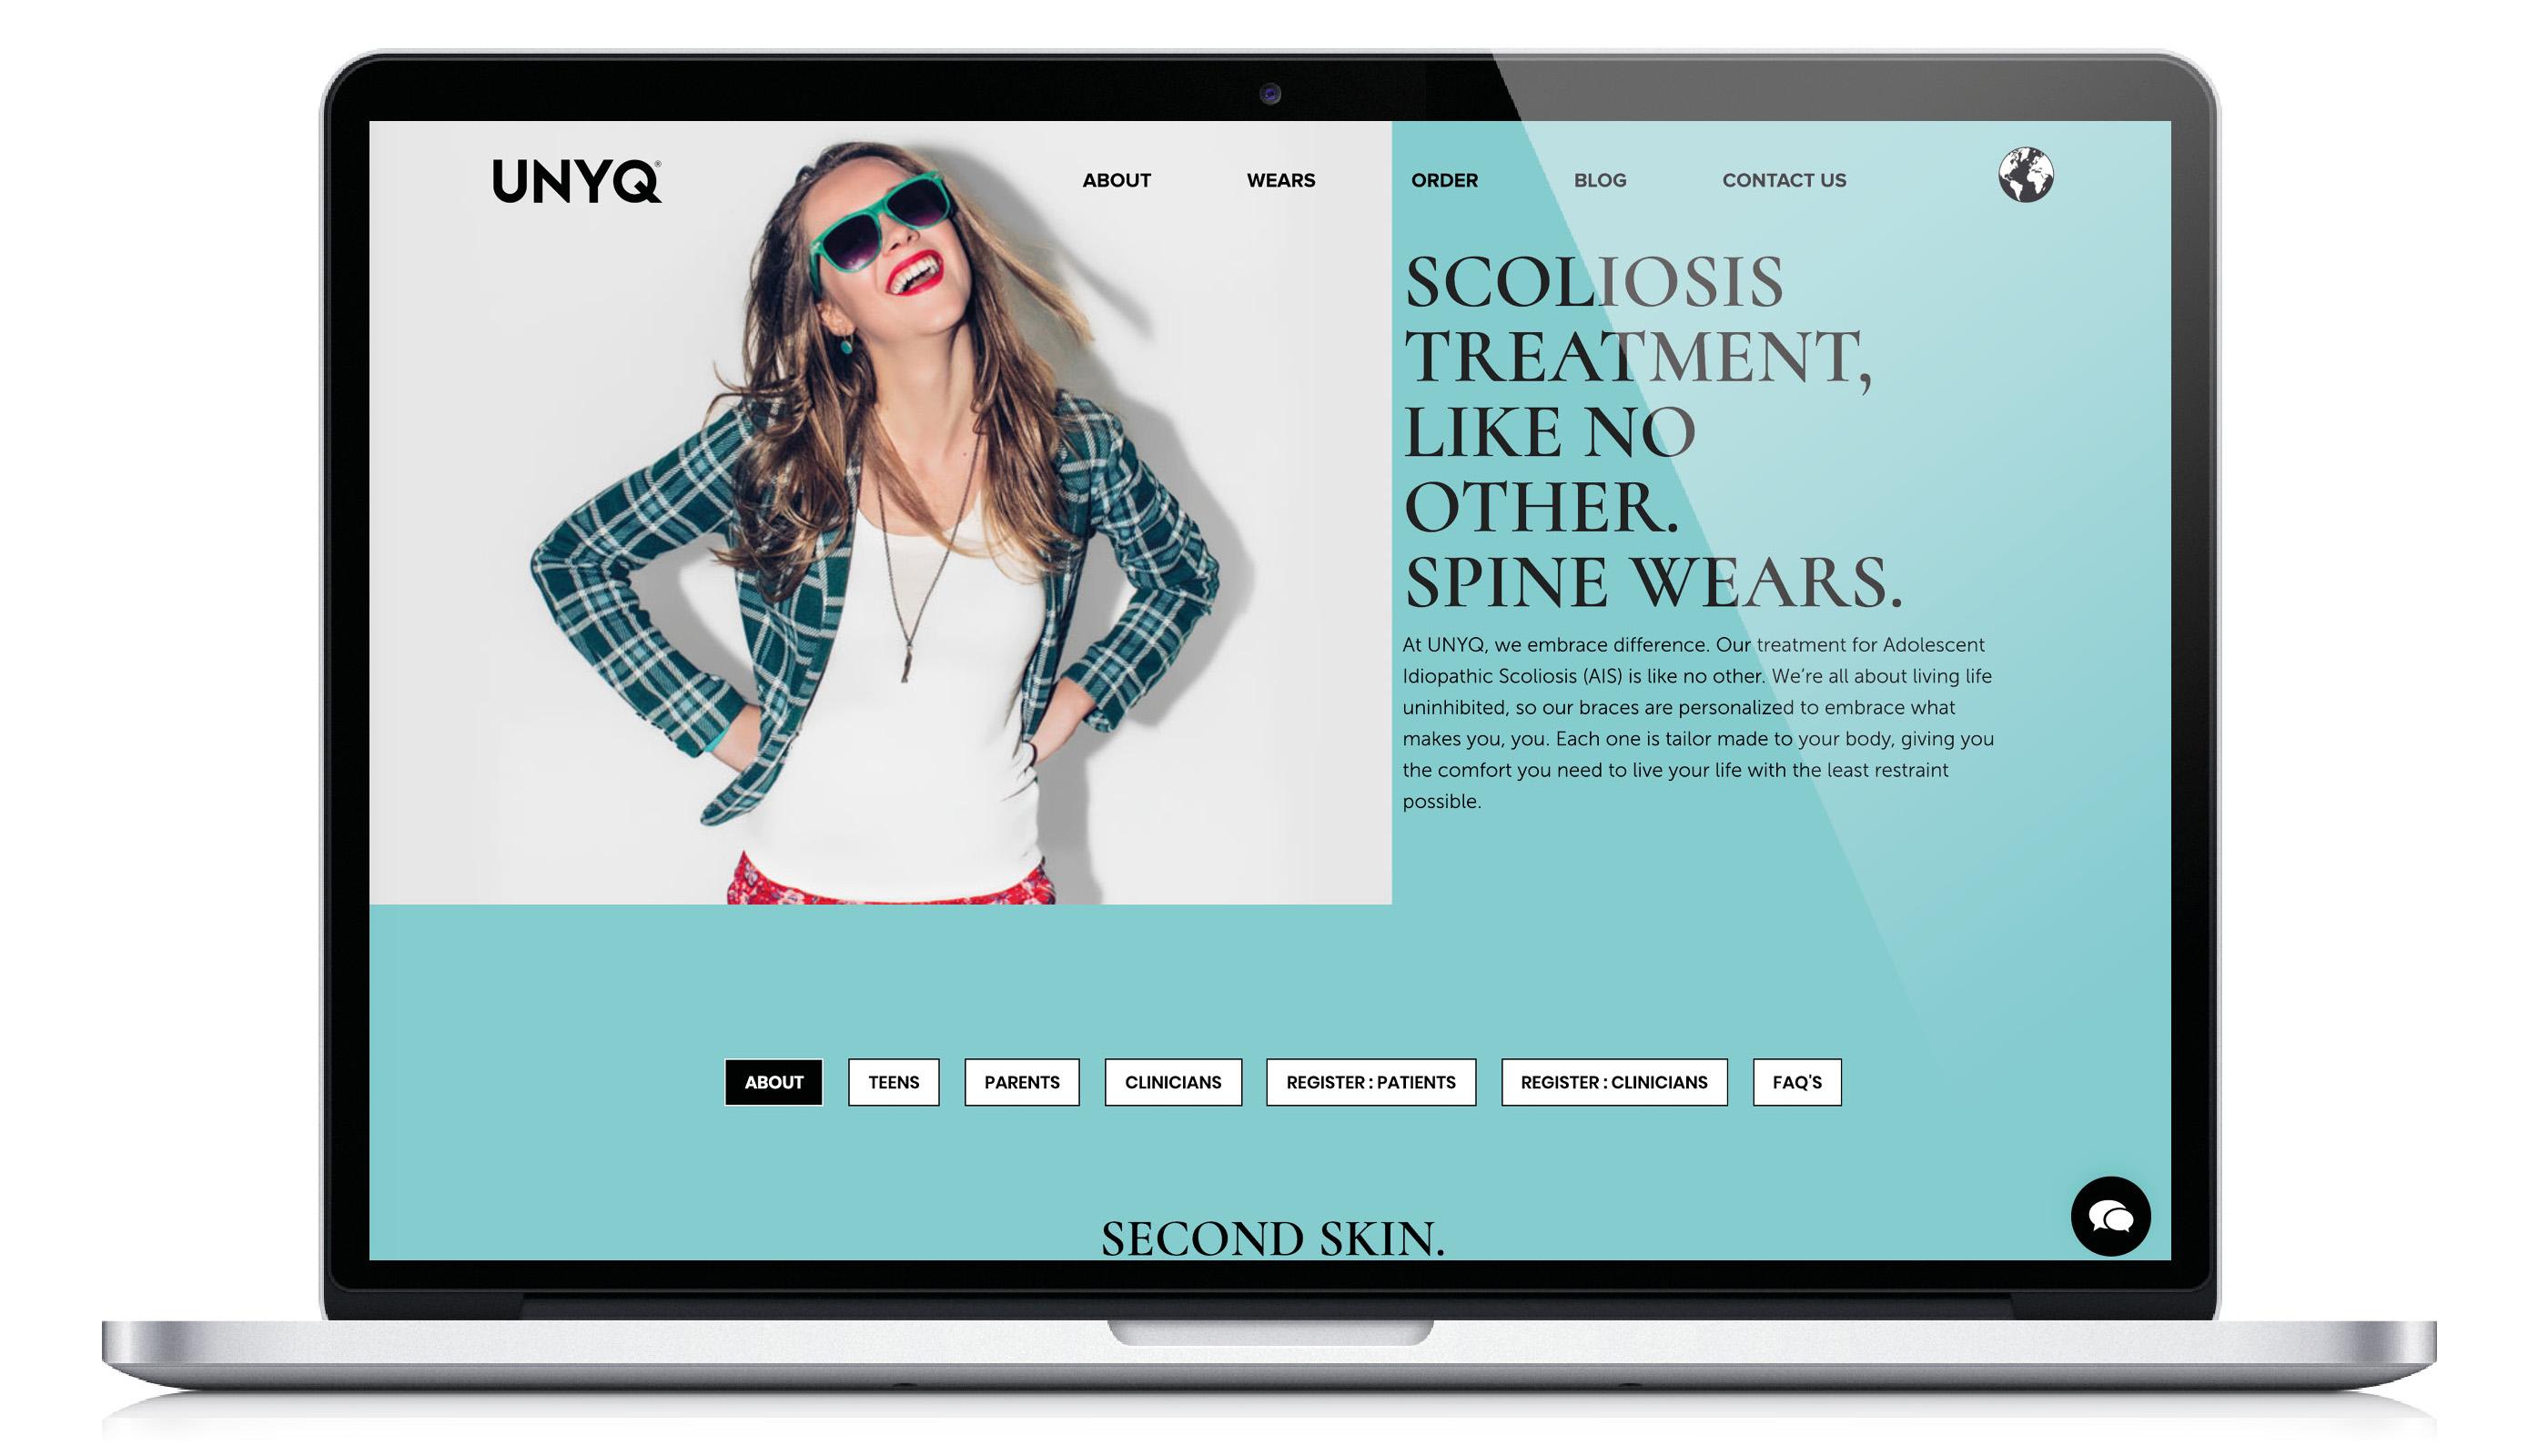 unyq_webdesign_05